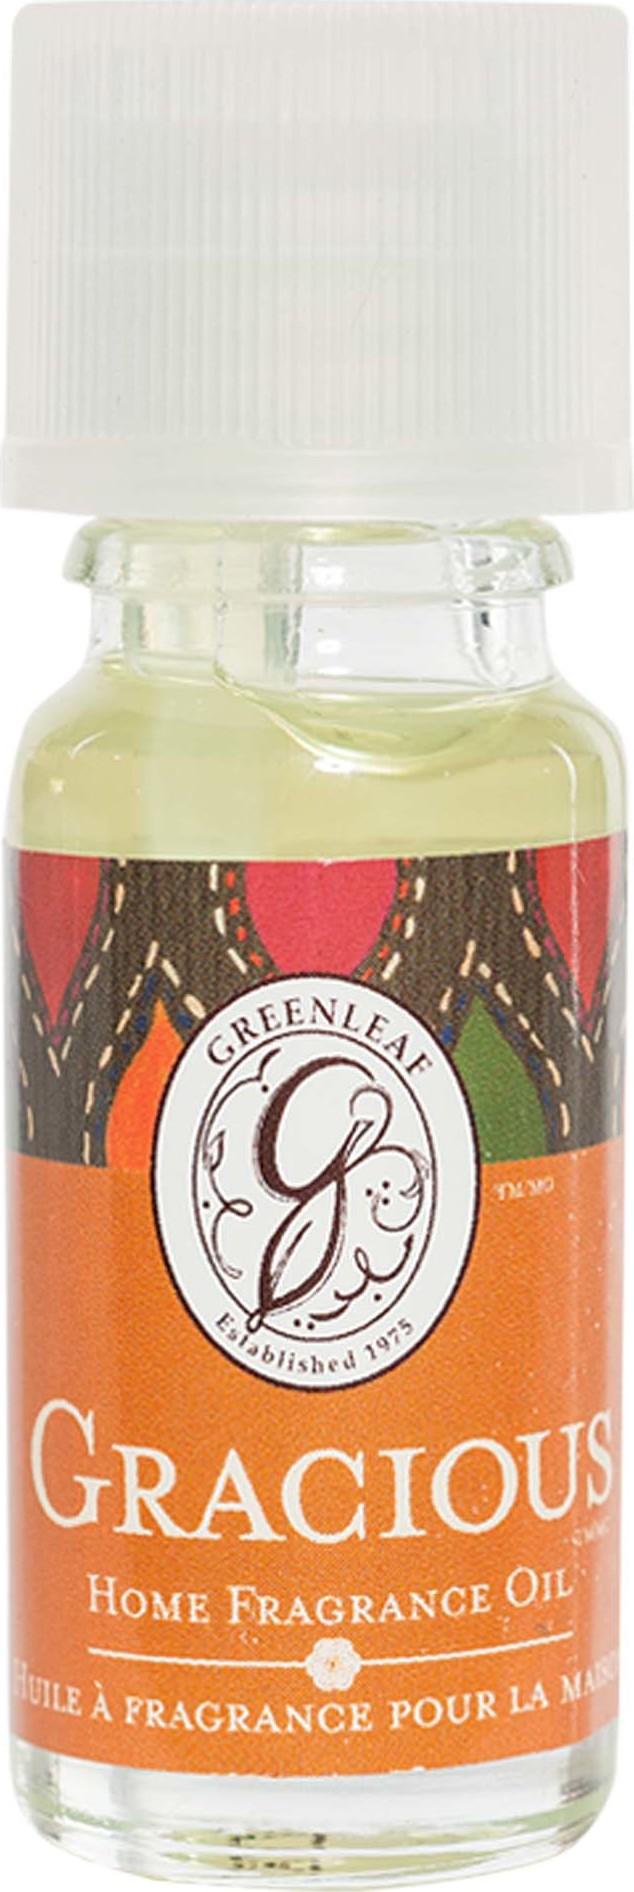 Greenleaf Vonný olej Gracious